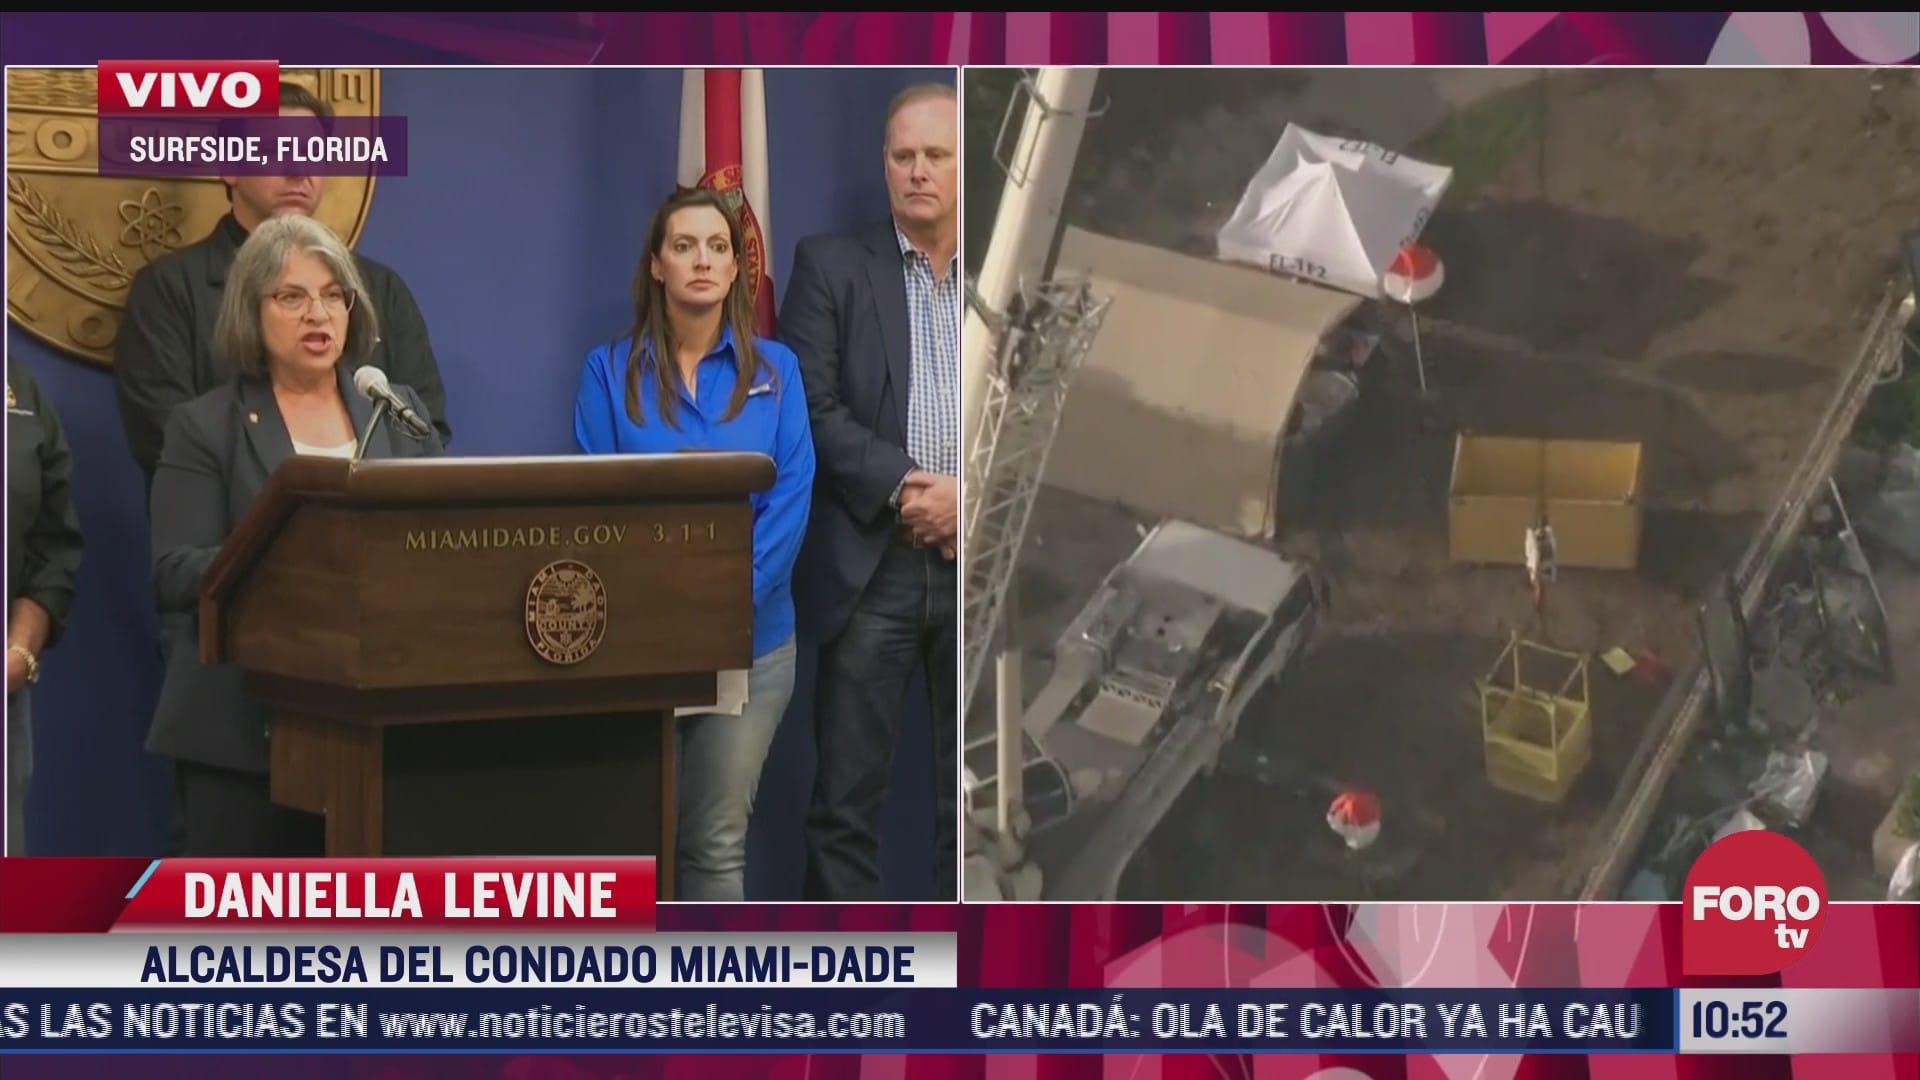 autoridades de florida ofrecen conferencia ante llegada de elsa y trabajos en edificio colapsado